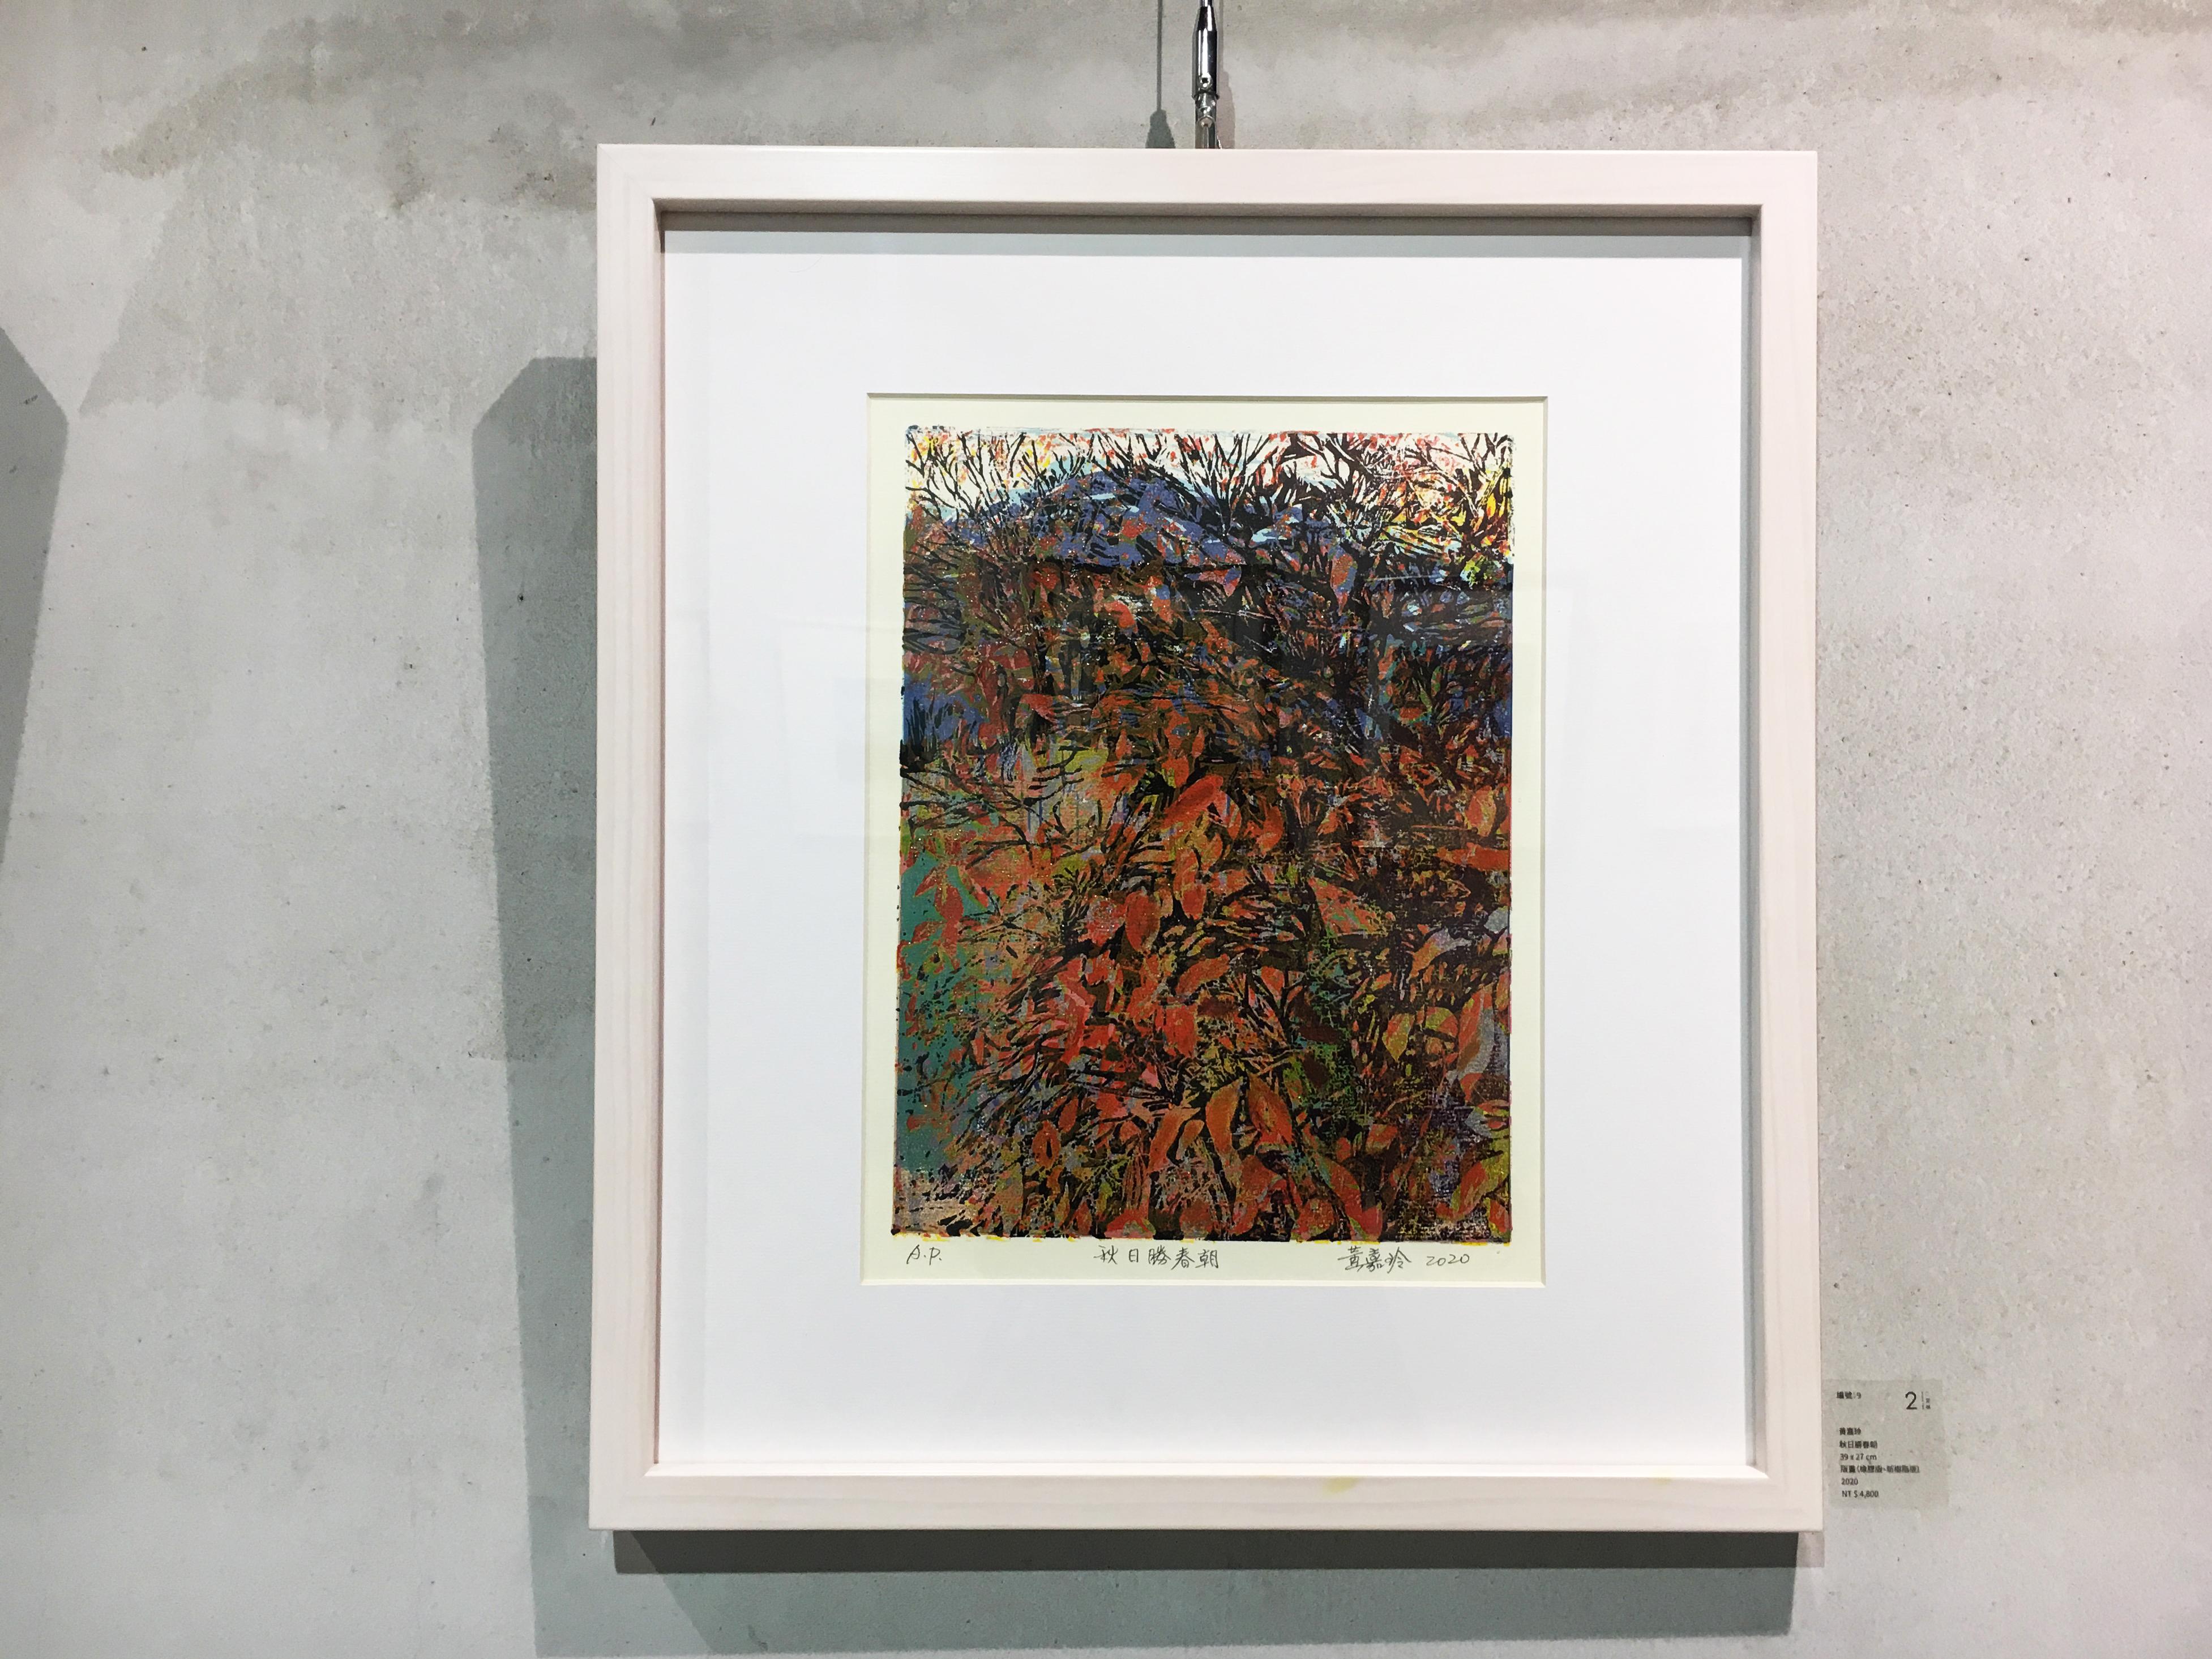 黃嘉玲,《秋日勝春潮》,39 X 27 cm,版畫(橡膠版、新樹脂版),2020。